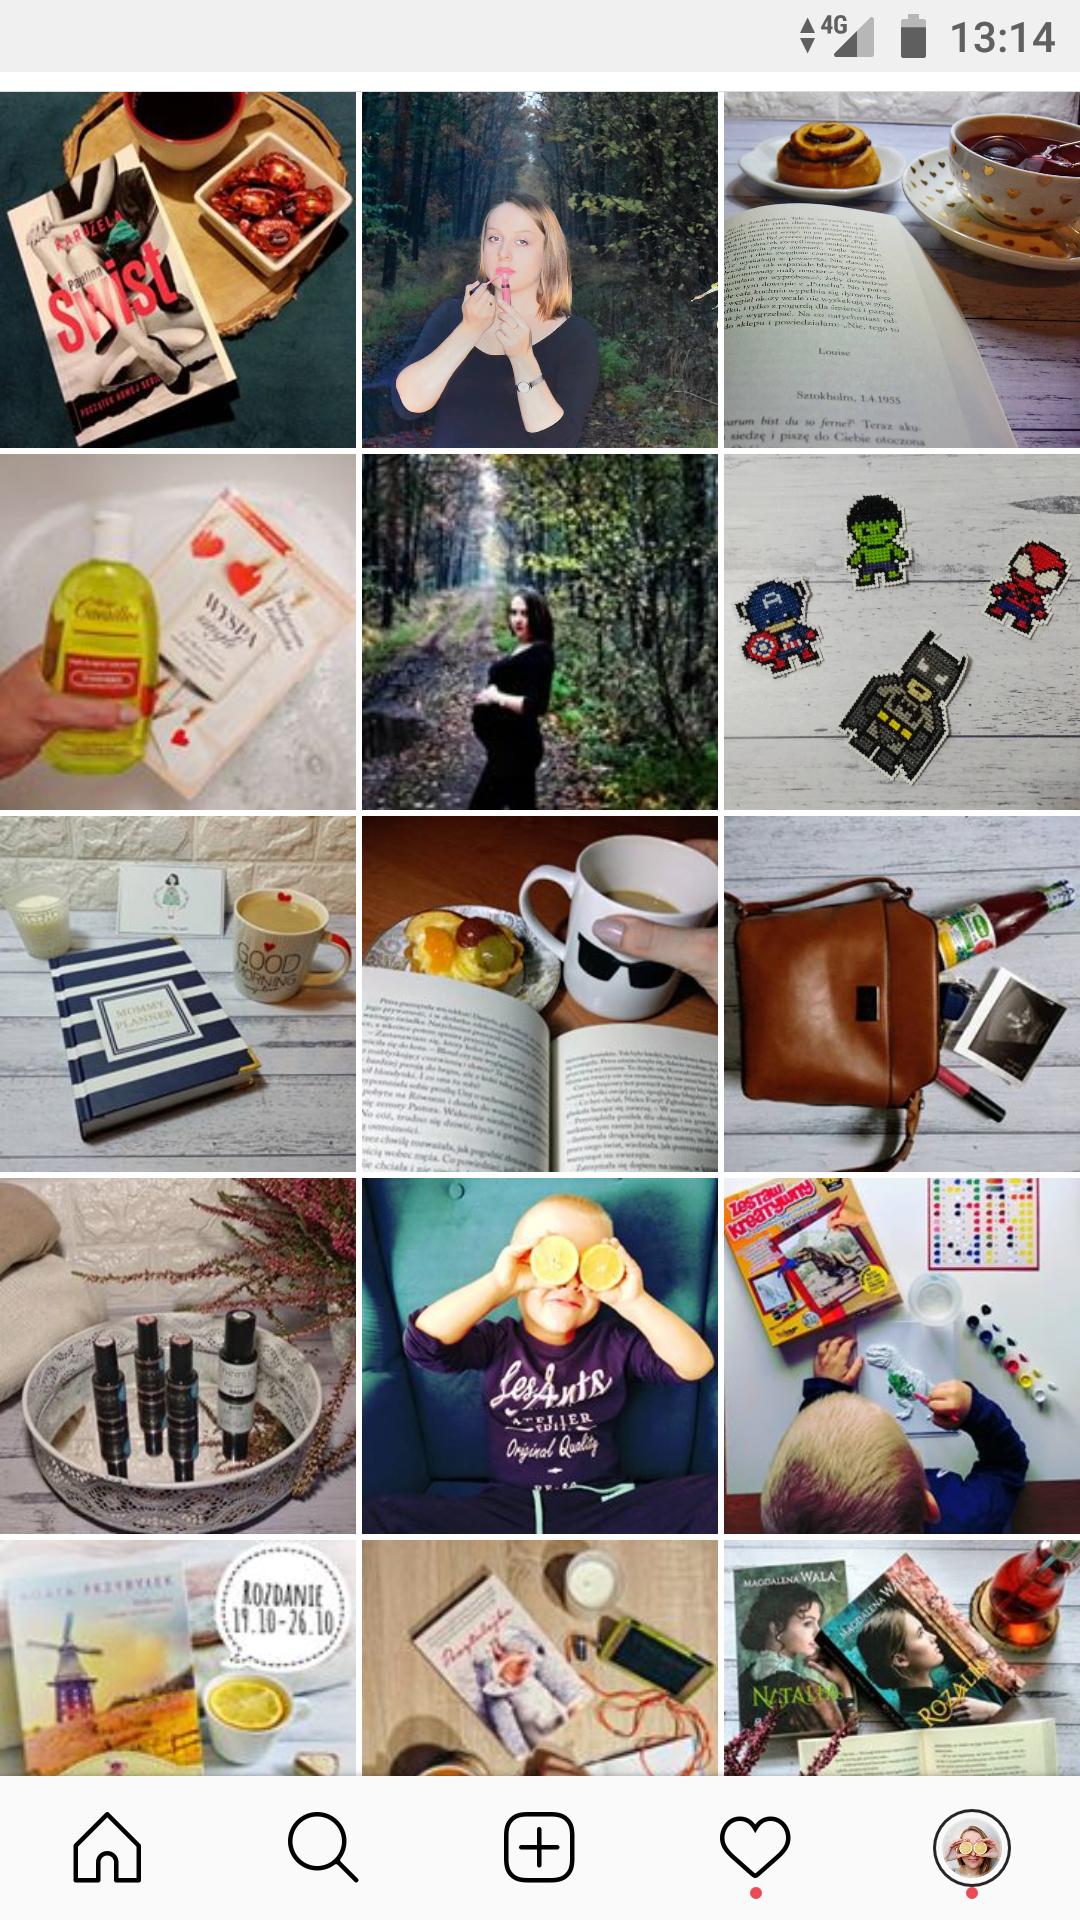 screenshot 20181103 1315007012310228428642518 - Instagram - 10 subiektywnych rad dla początkujących